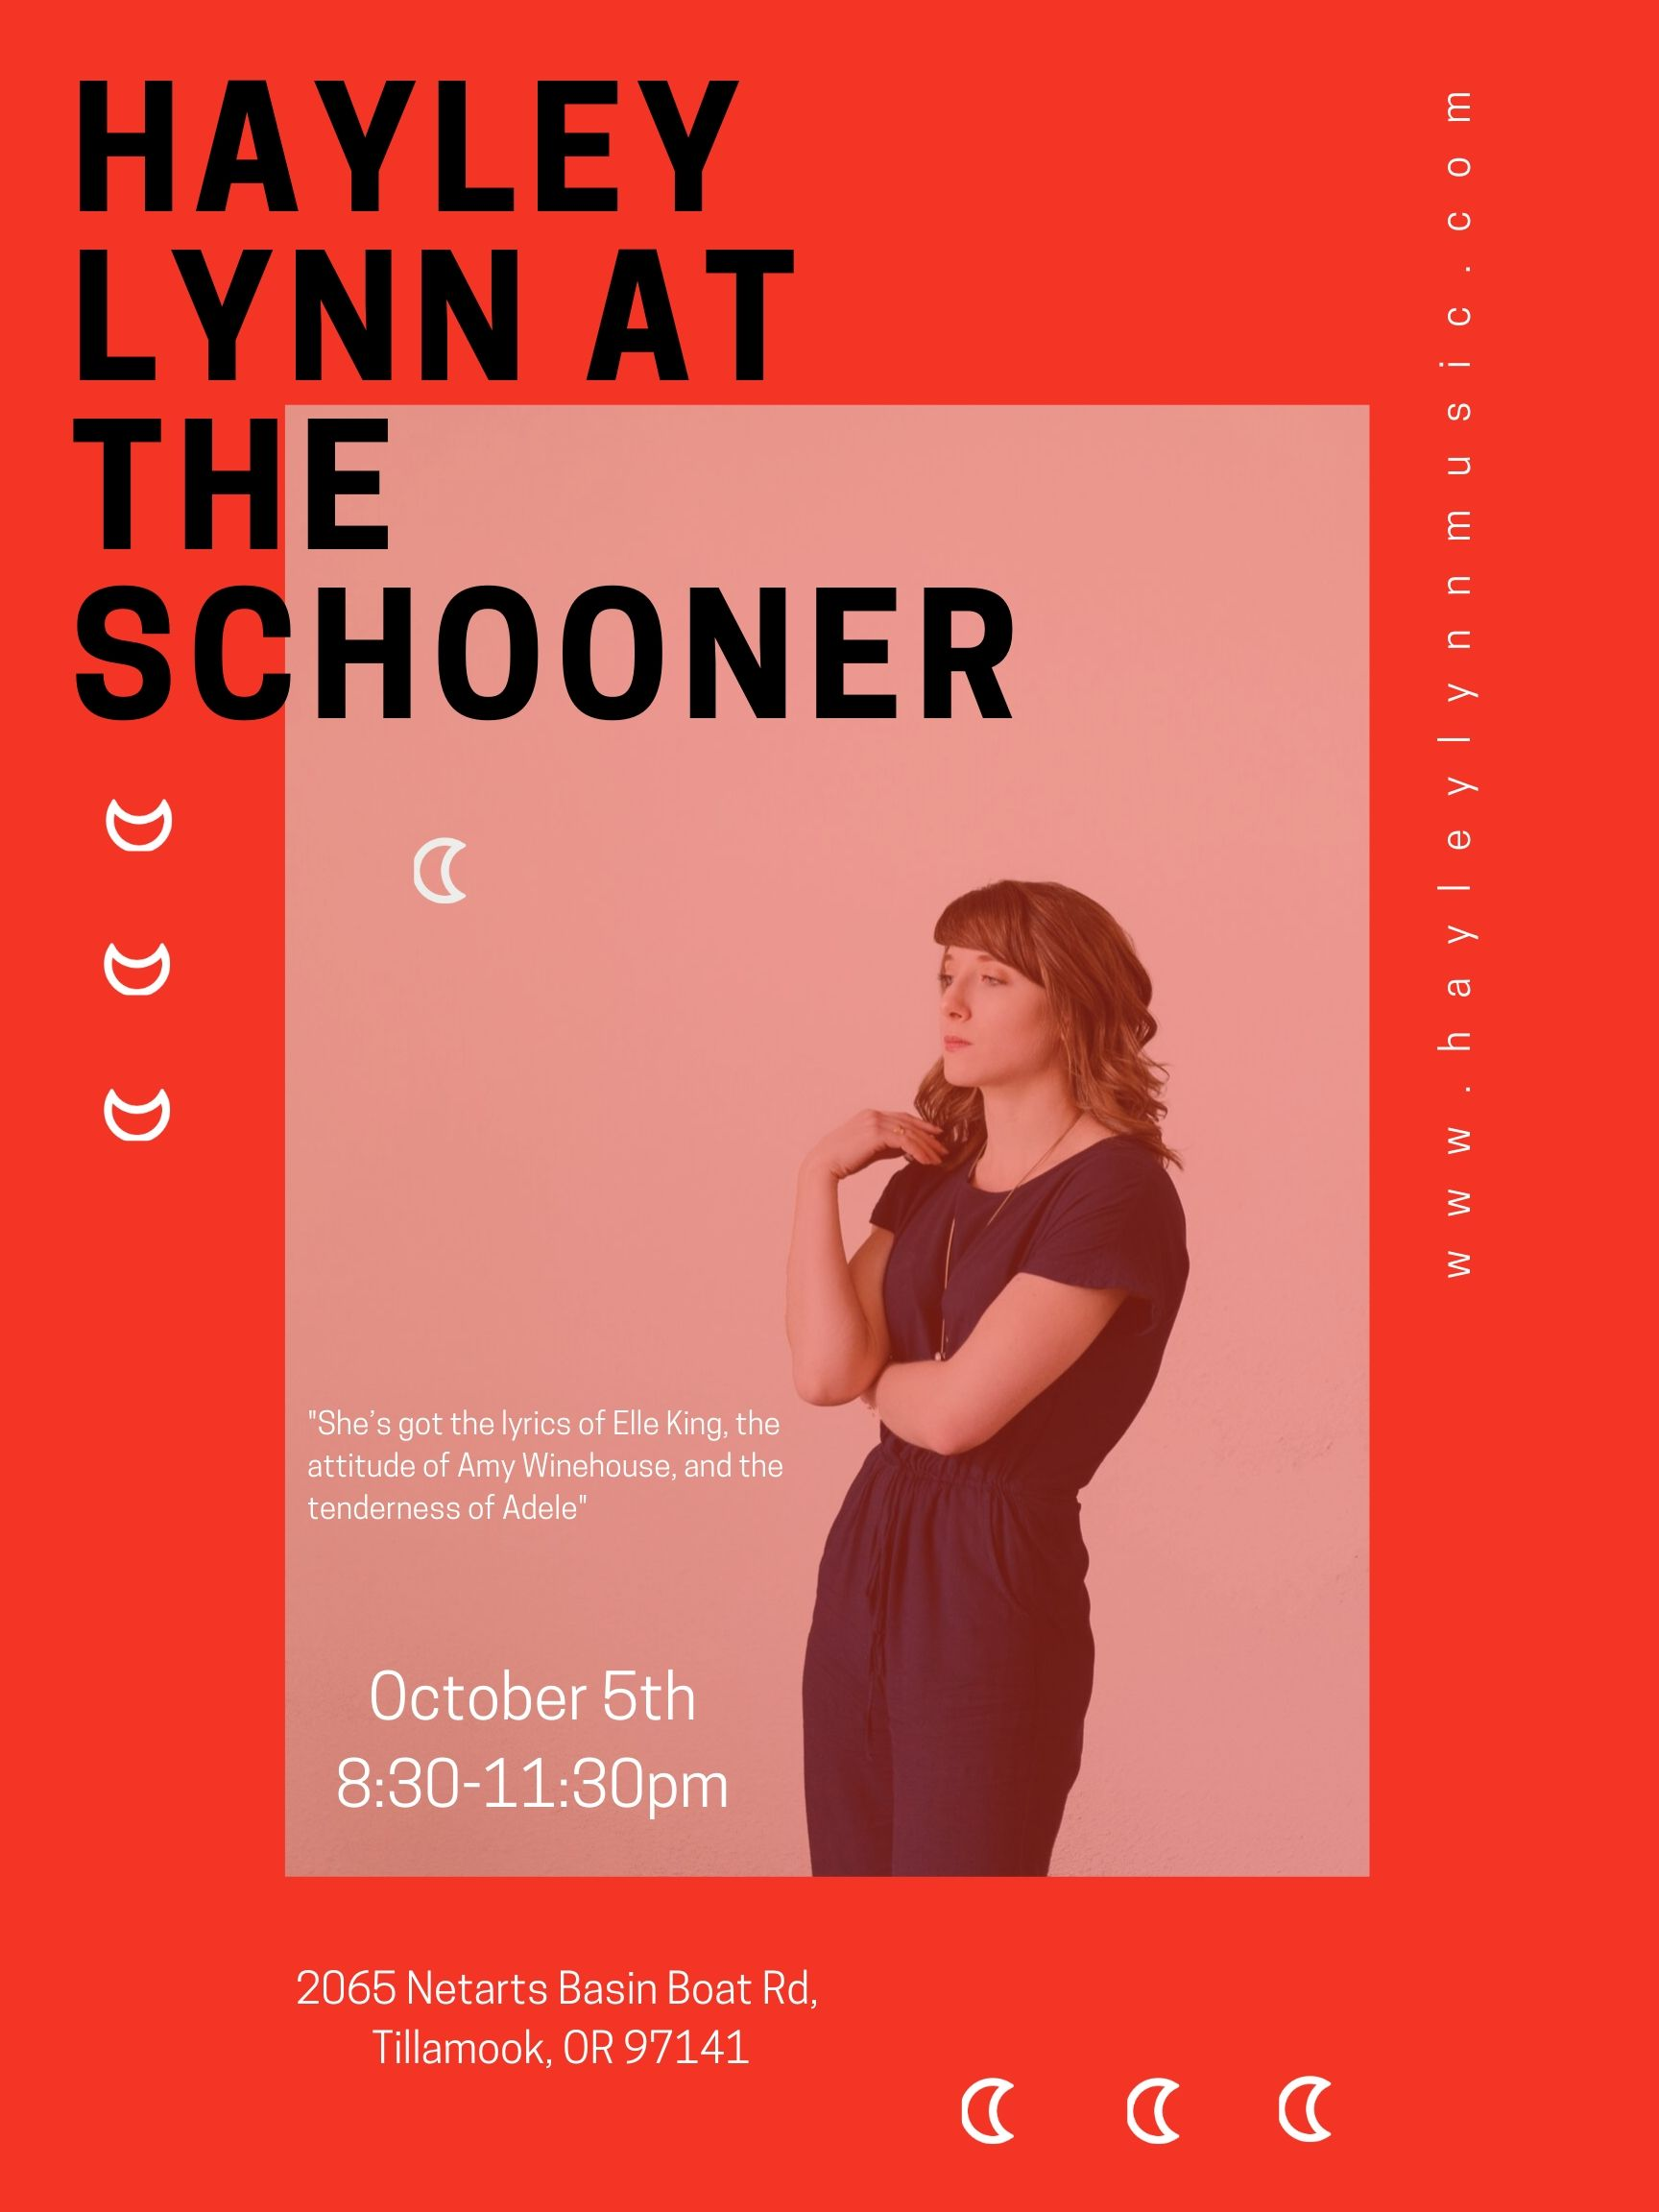 Hayley Lynn at the Schooner.jpg